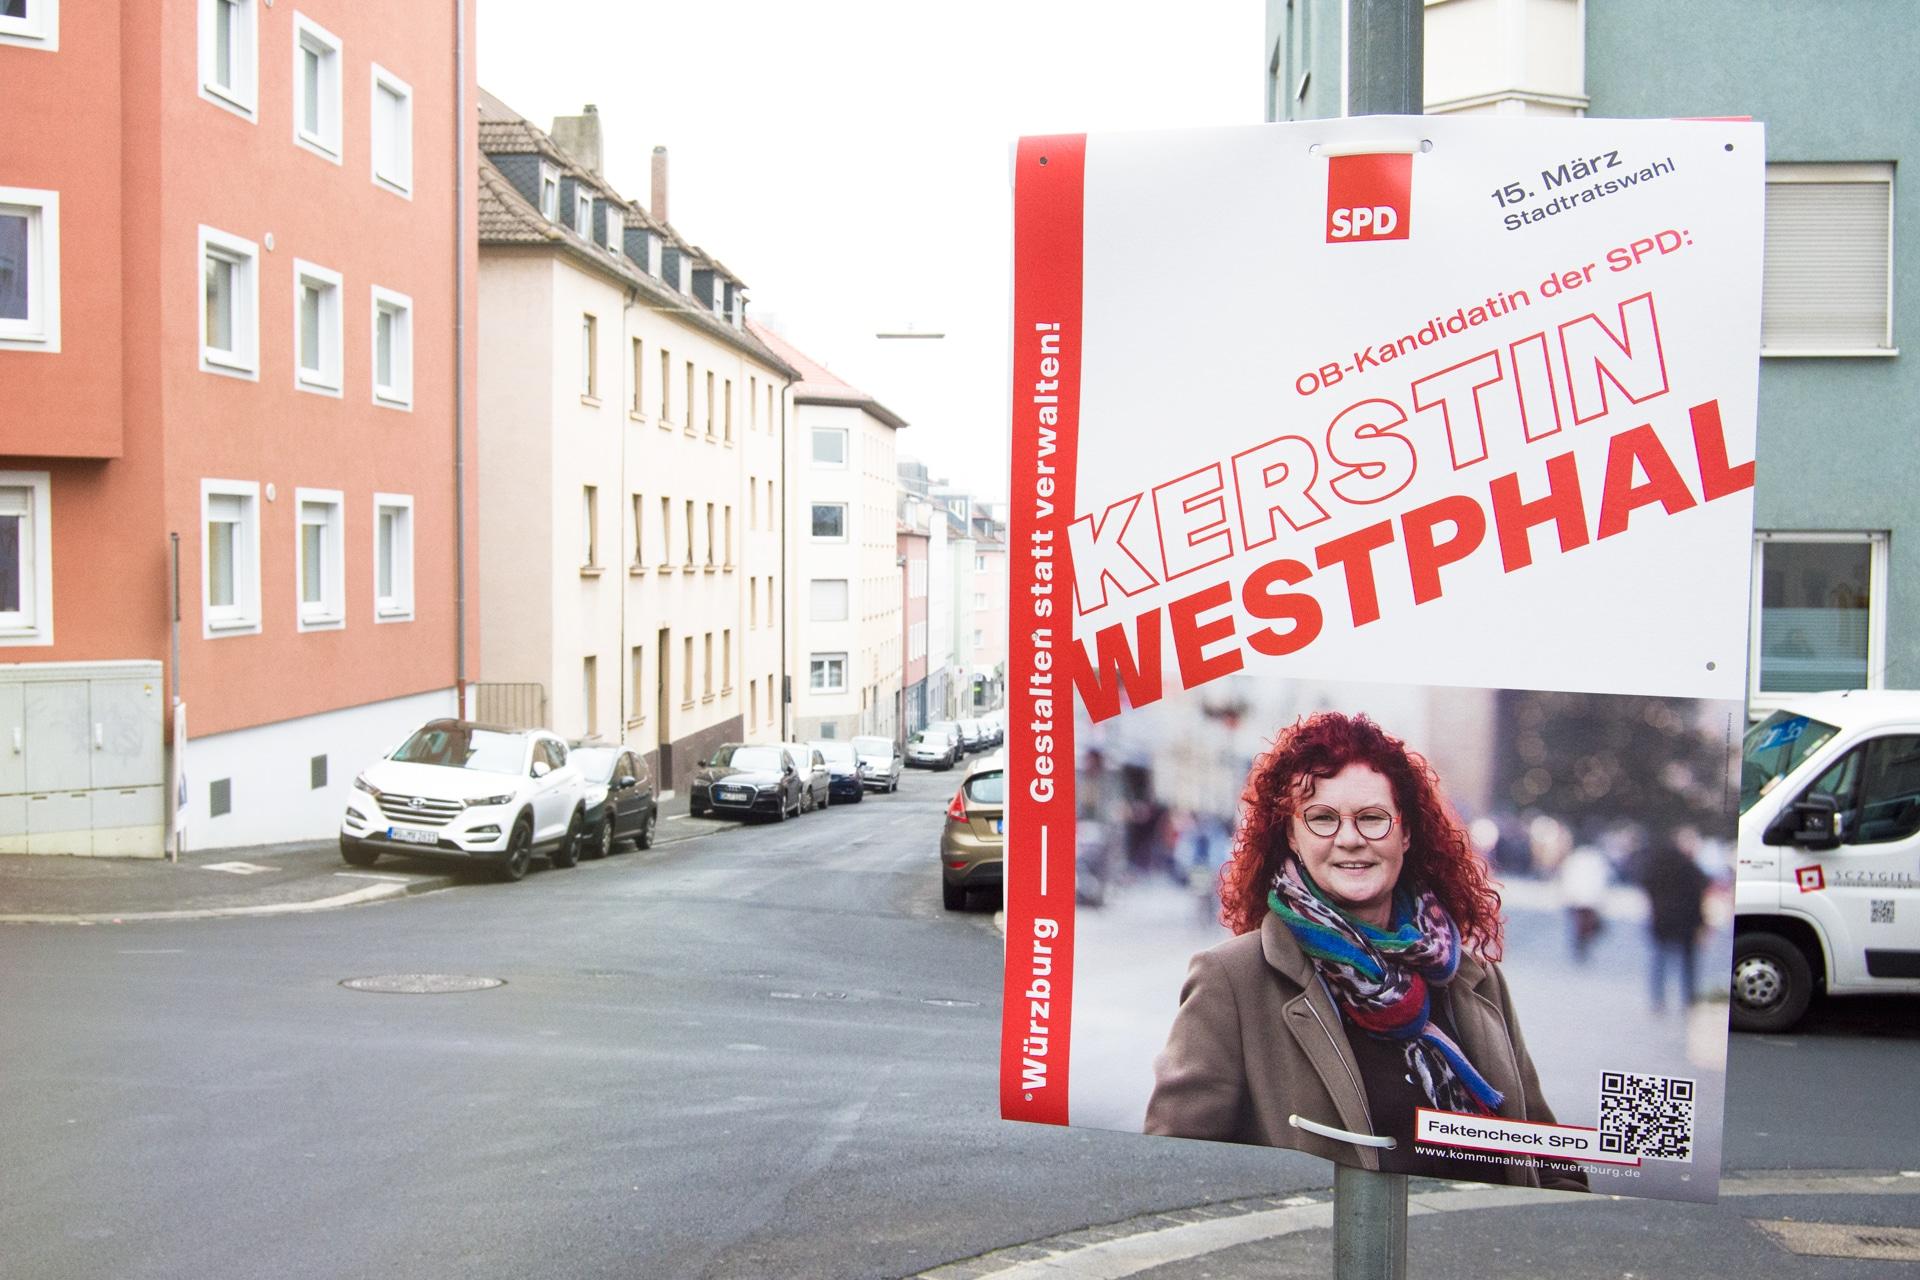 SPD Würzburg Kommunalwahl-Kampagne Design Wahlplakat OB-Kandidatin Westphal